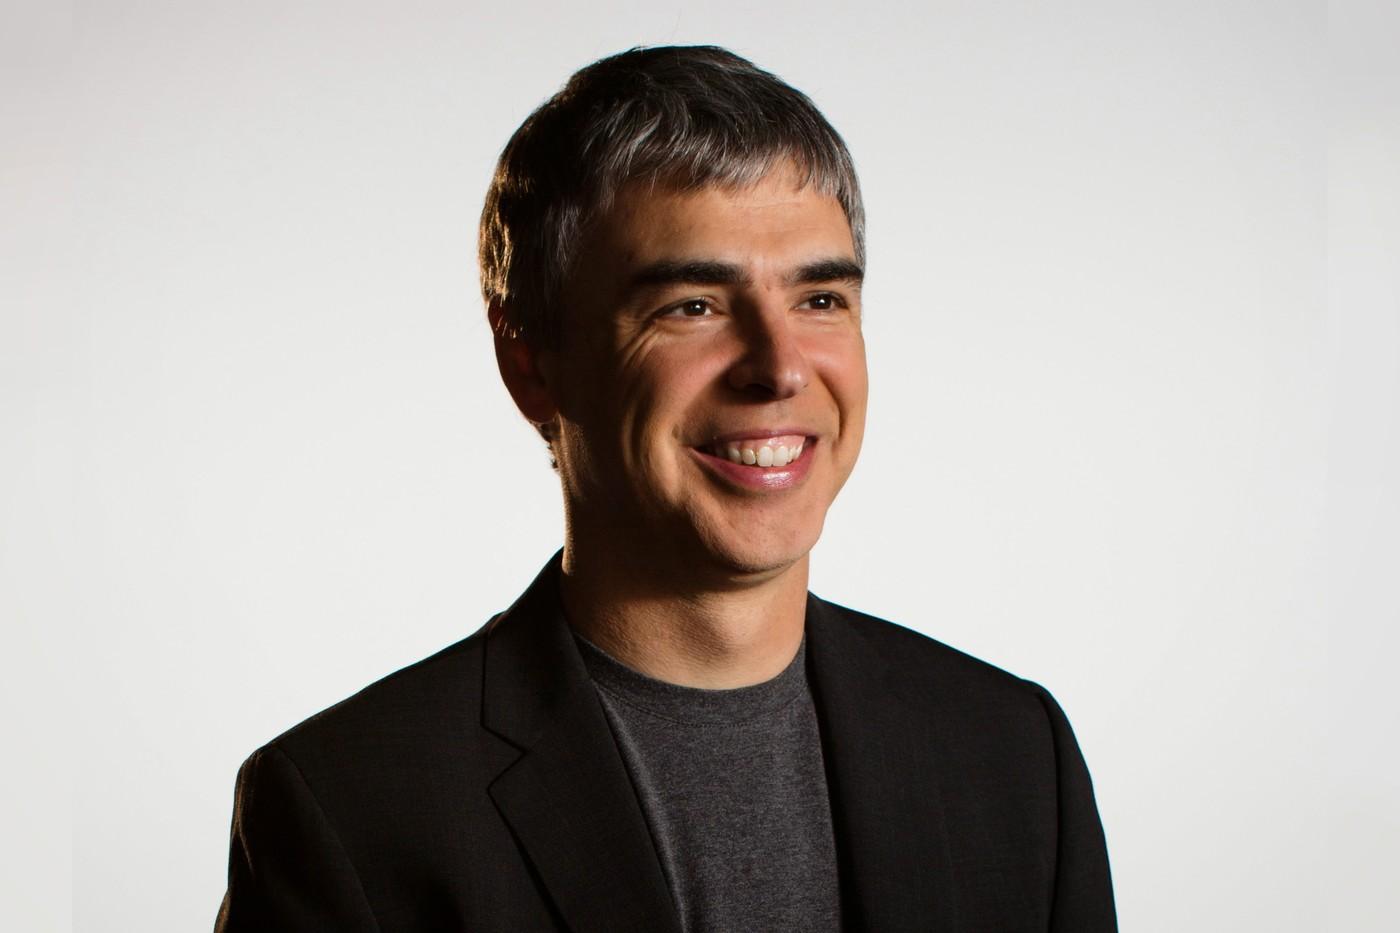 佩奇、布林退位交棒!Google傳奇創辦人:公司21歲了,不需要嘮叨的父母